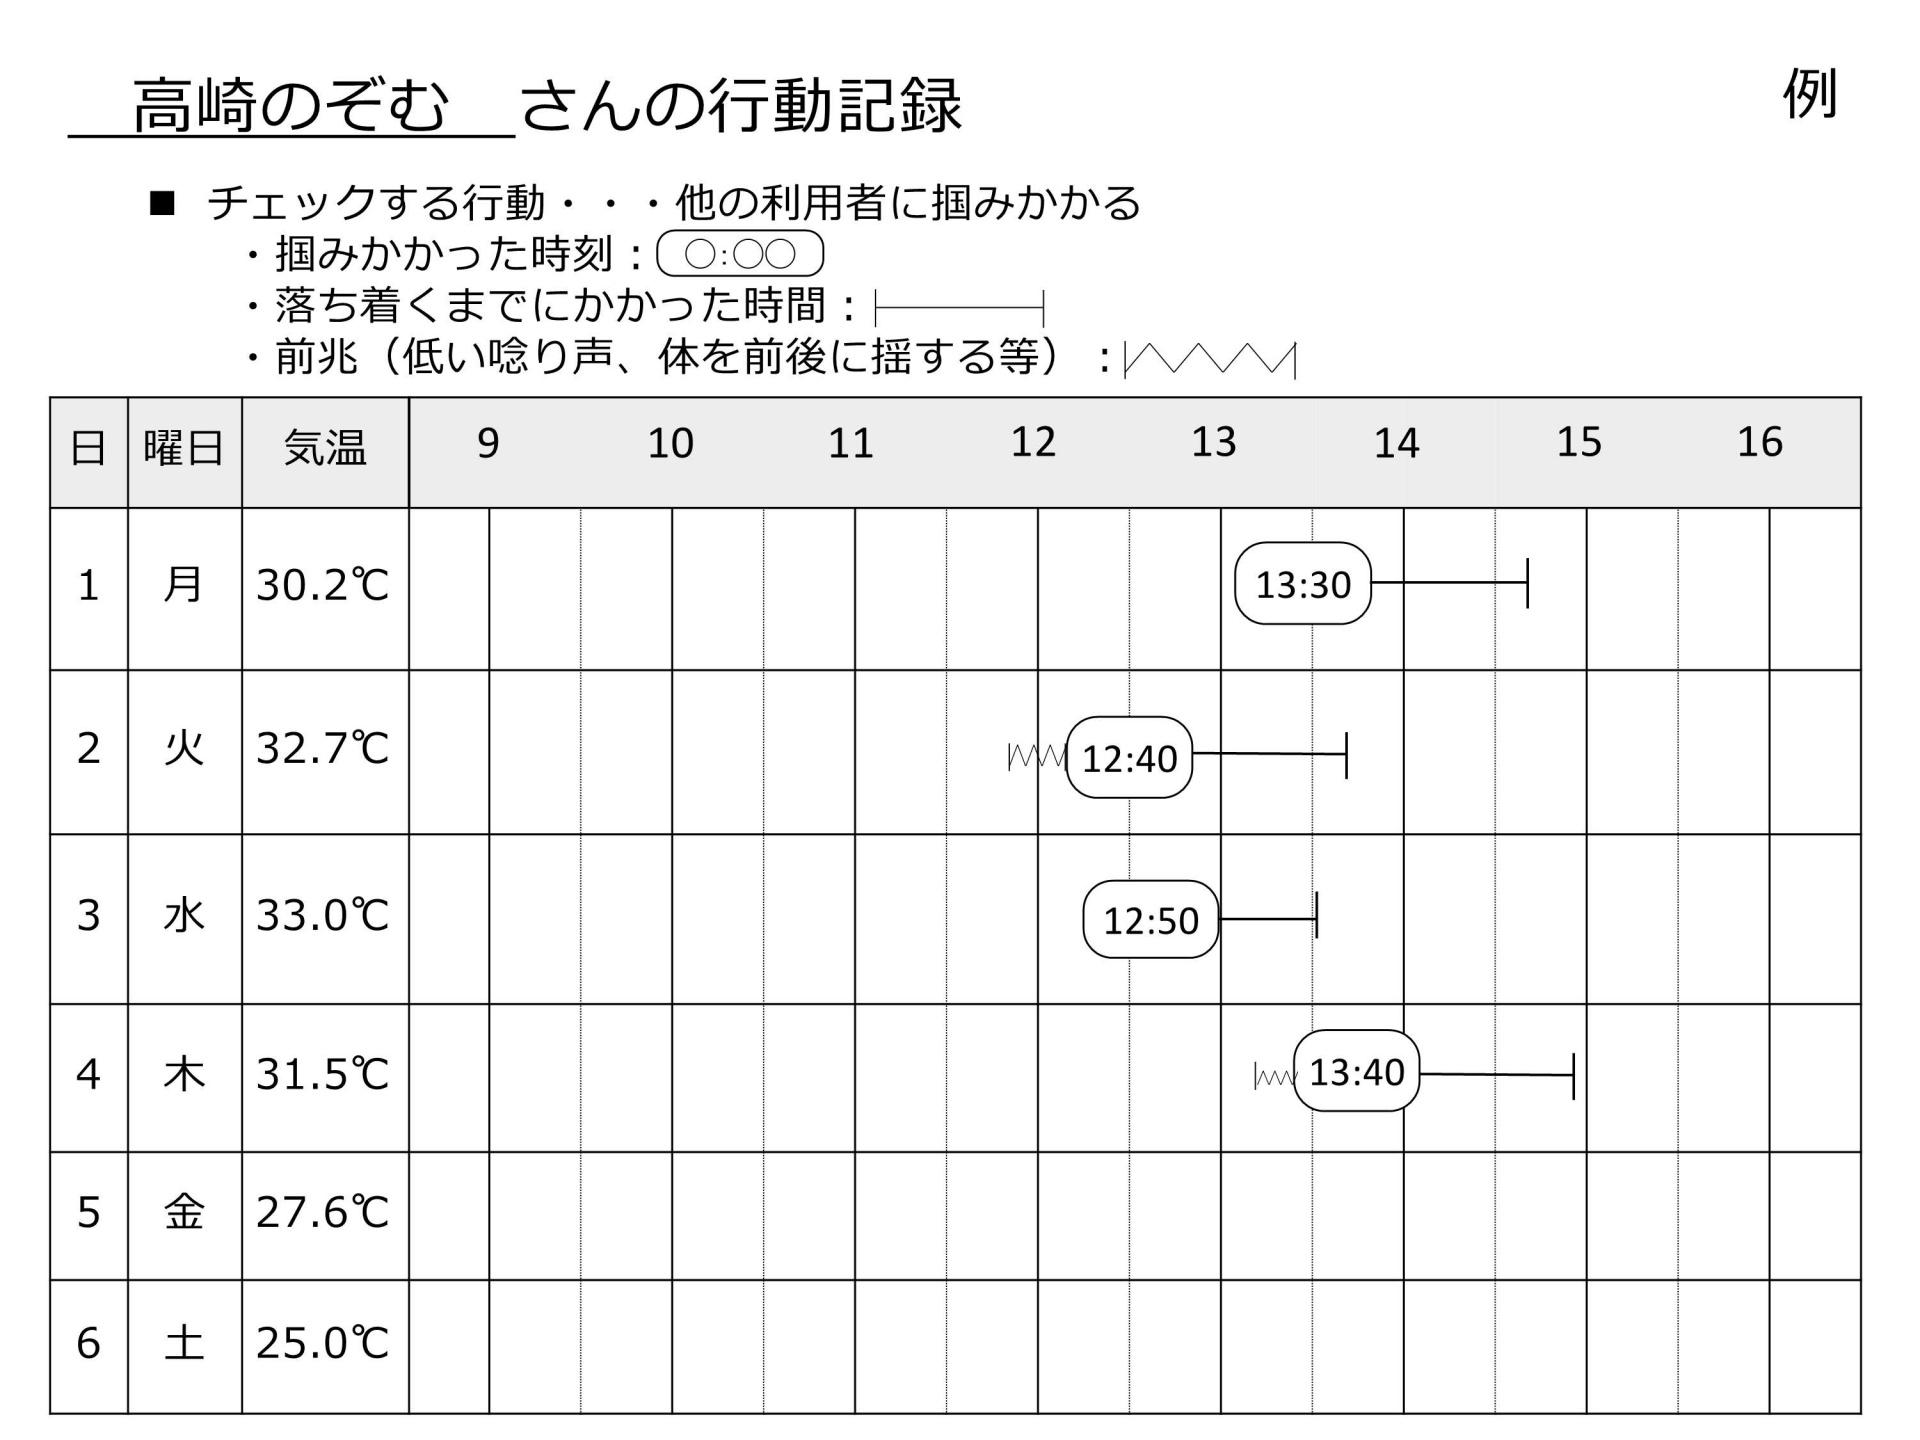 07-1記録に基づく支援の評価(表示用)・宮原/小野澤_5